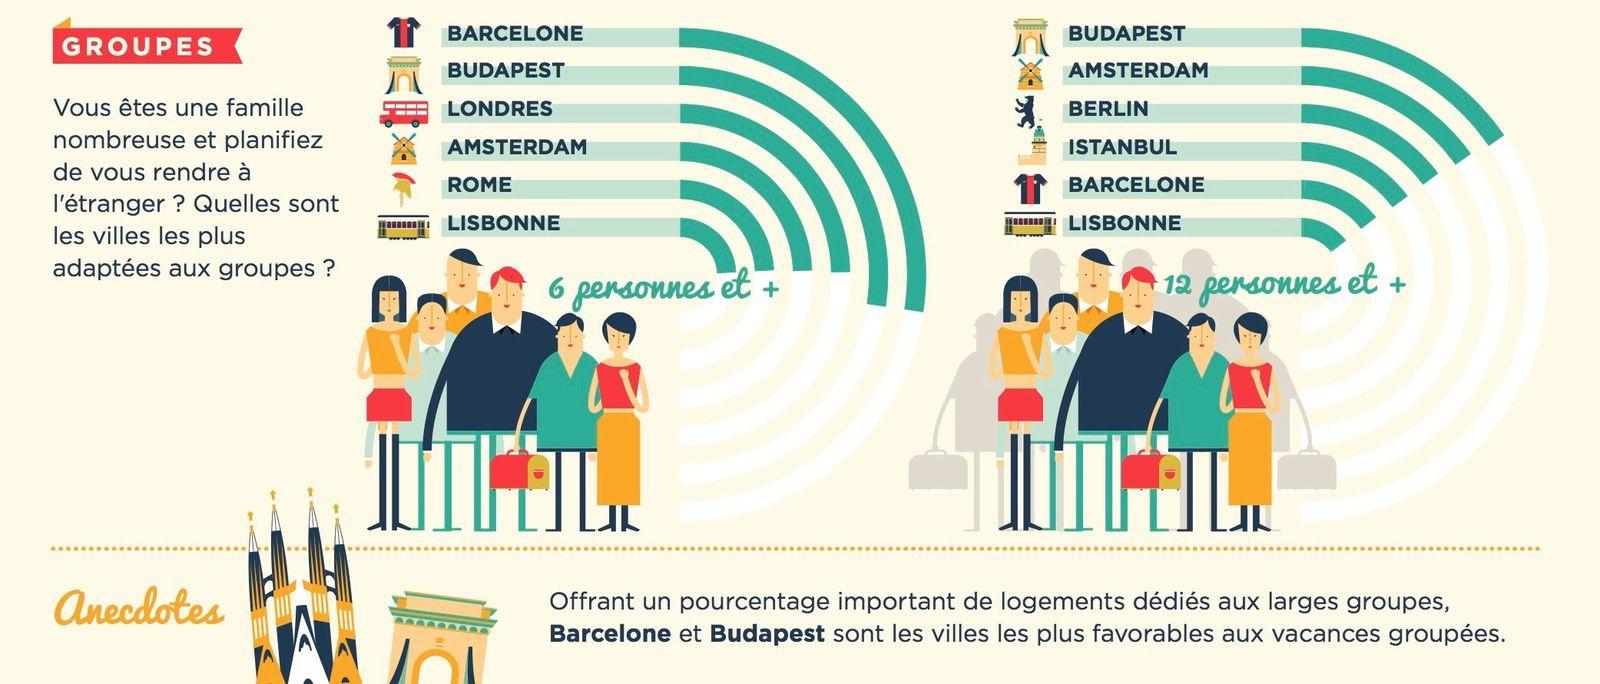 Les villes les plus accueillantes d'Europe